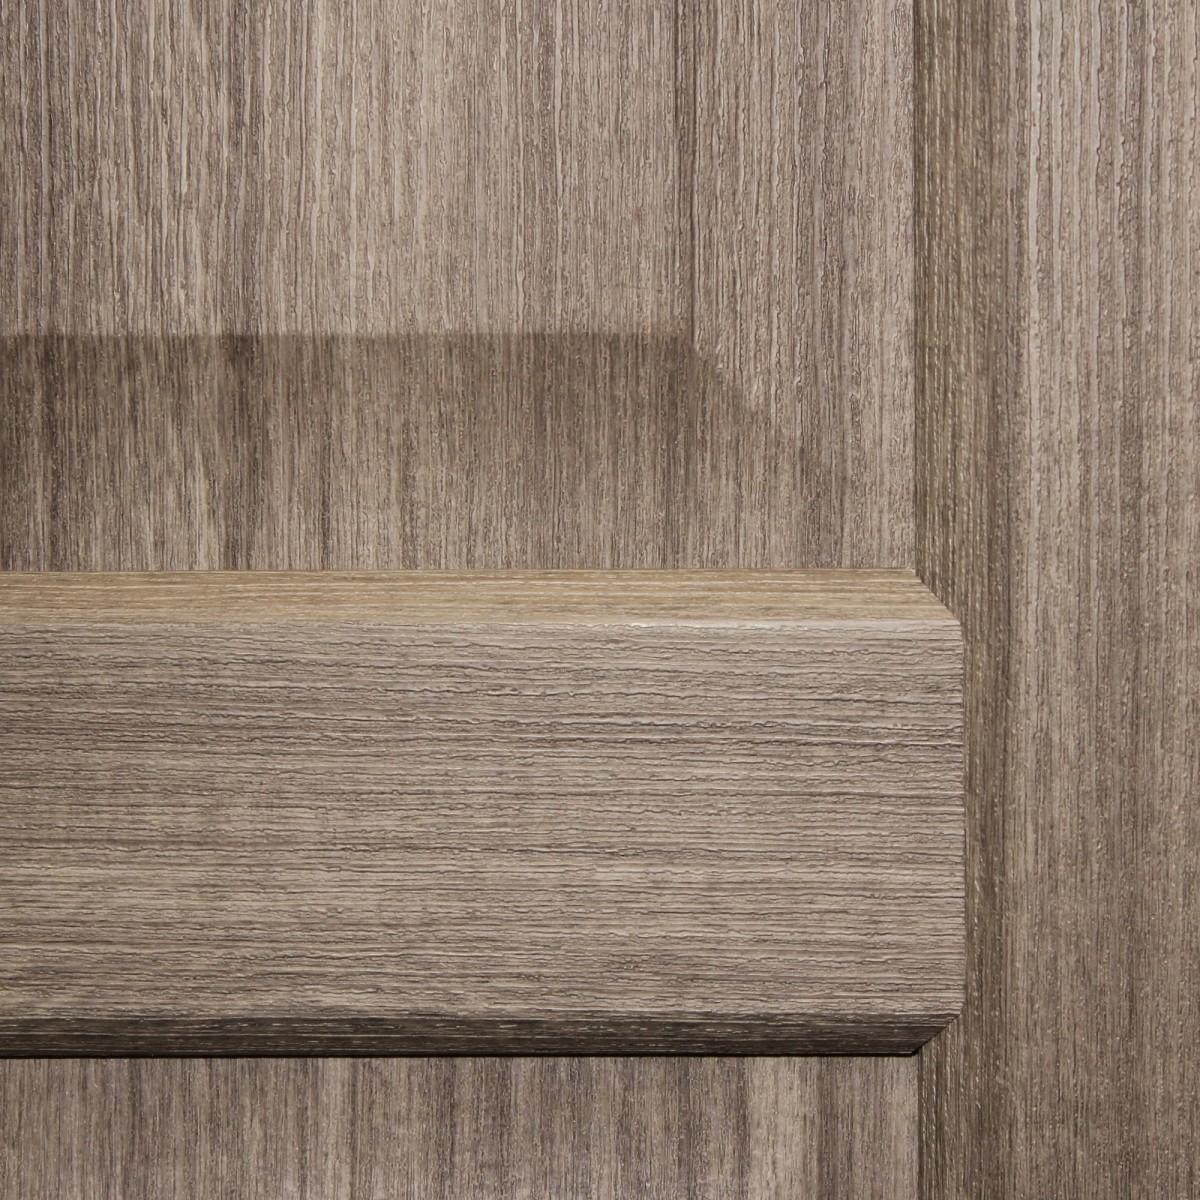 Дверь Межкомнатная Глухая Artens Мария 80x200 Цвет Серый Дуб